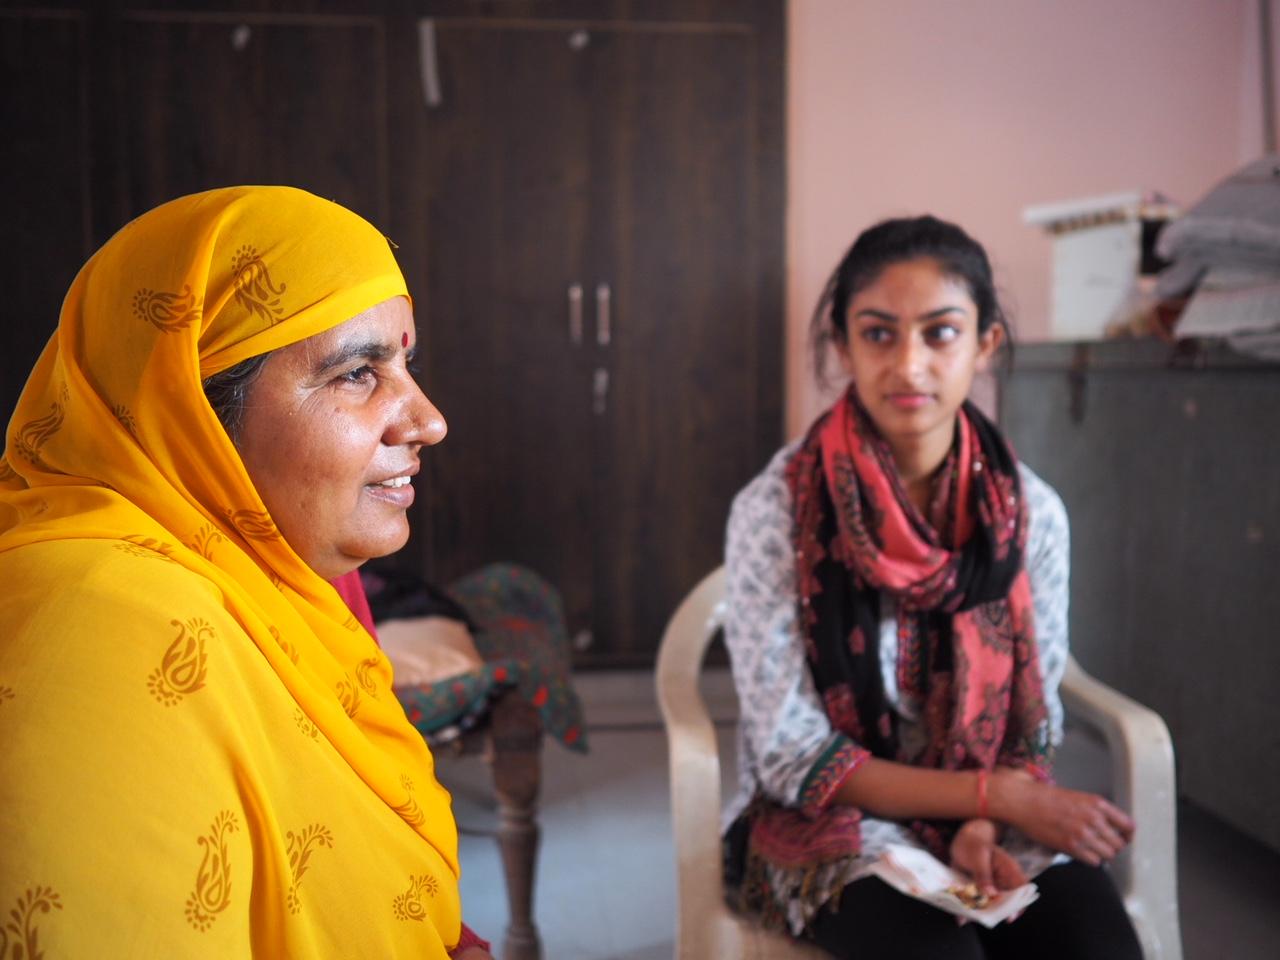 Radha-Pala-Usha-India-Immersion-Empathy-Storytelling-1